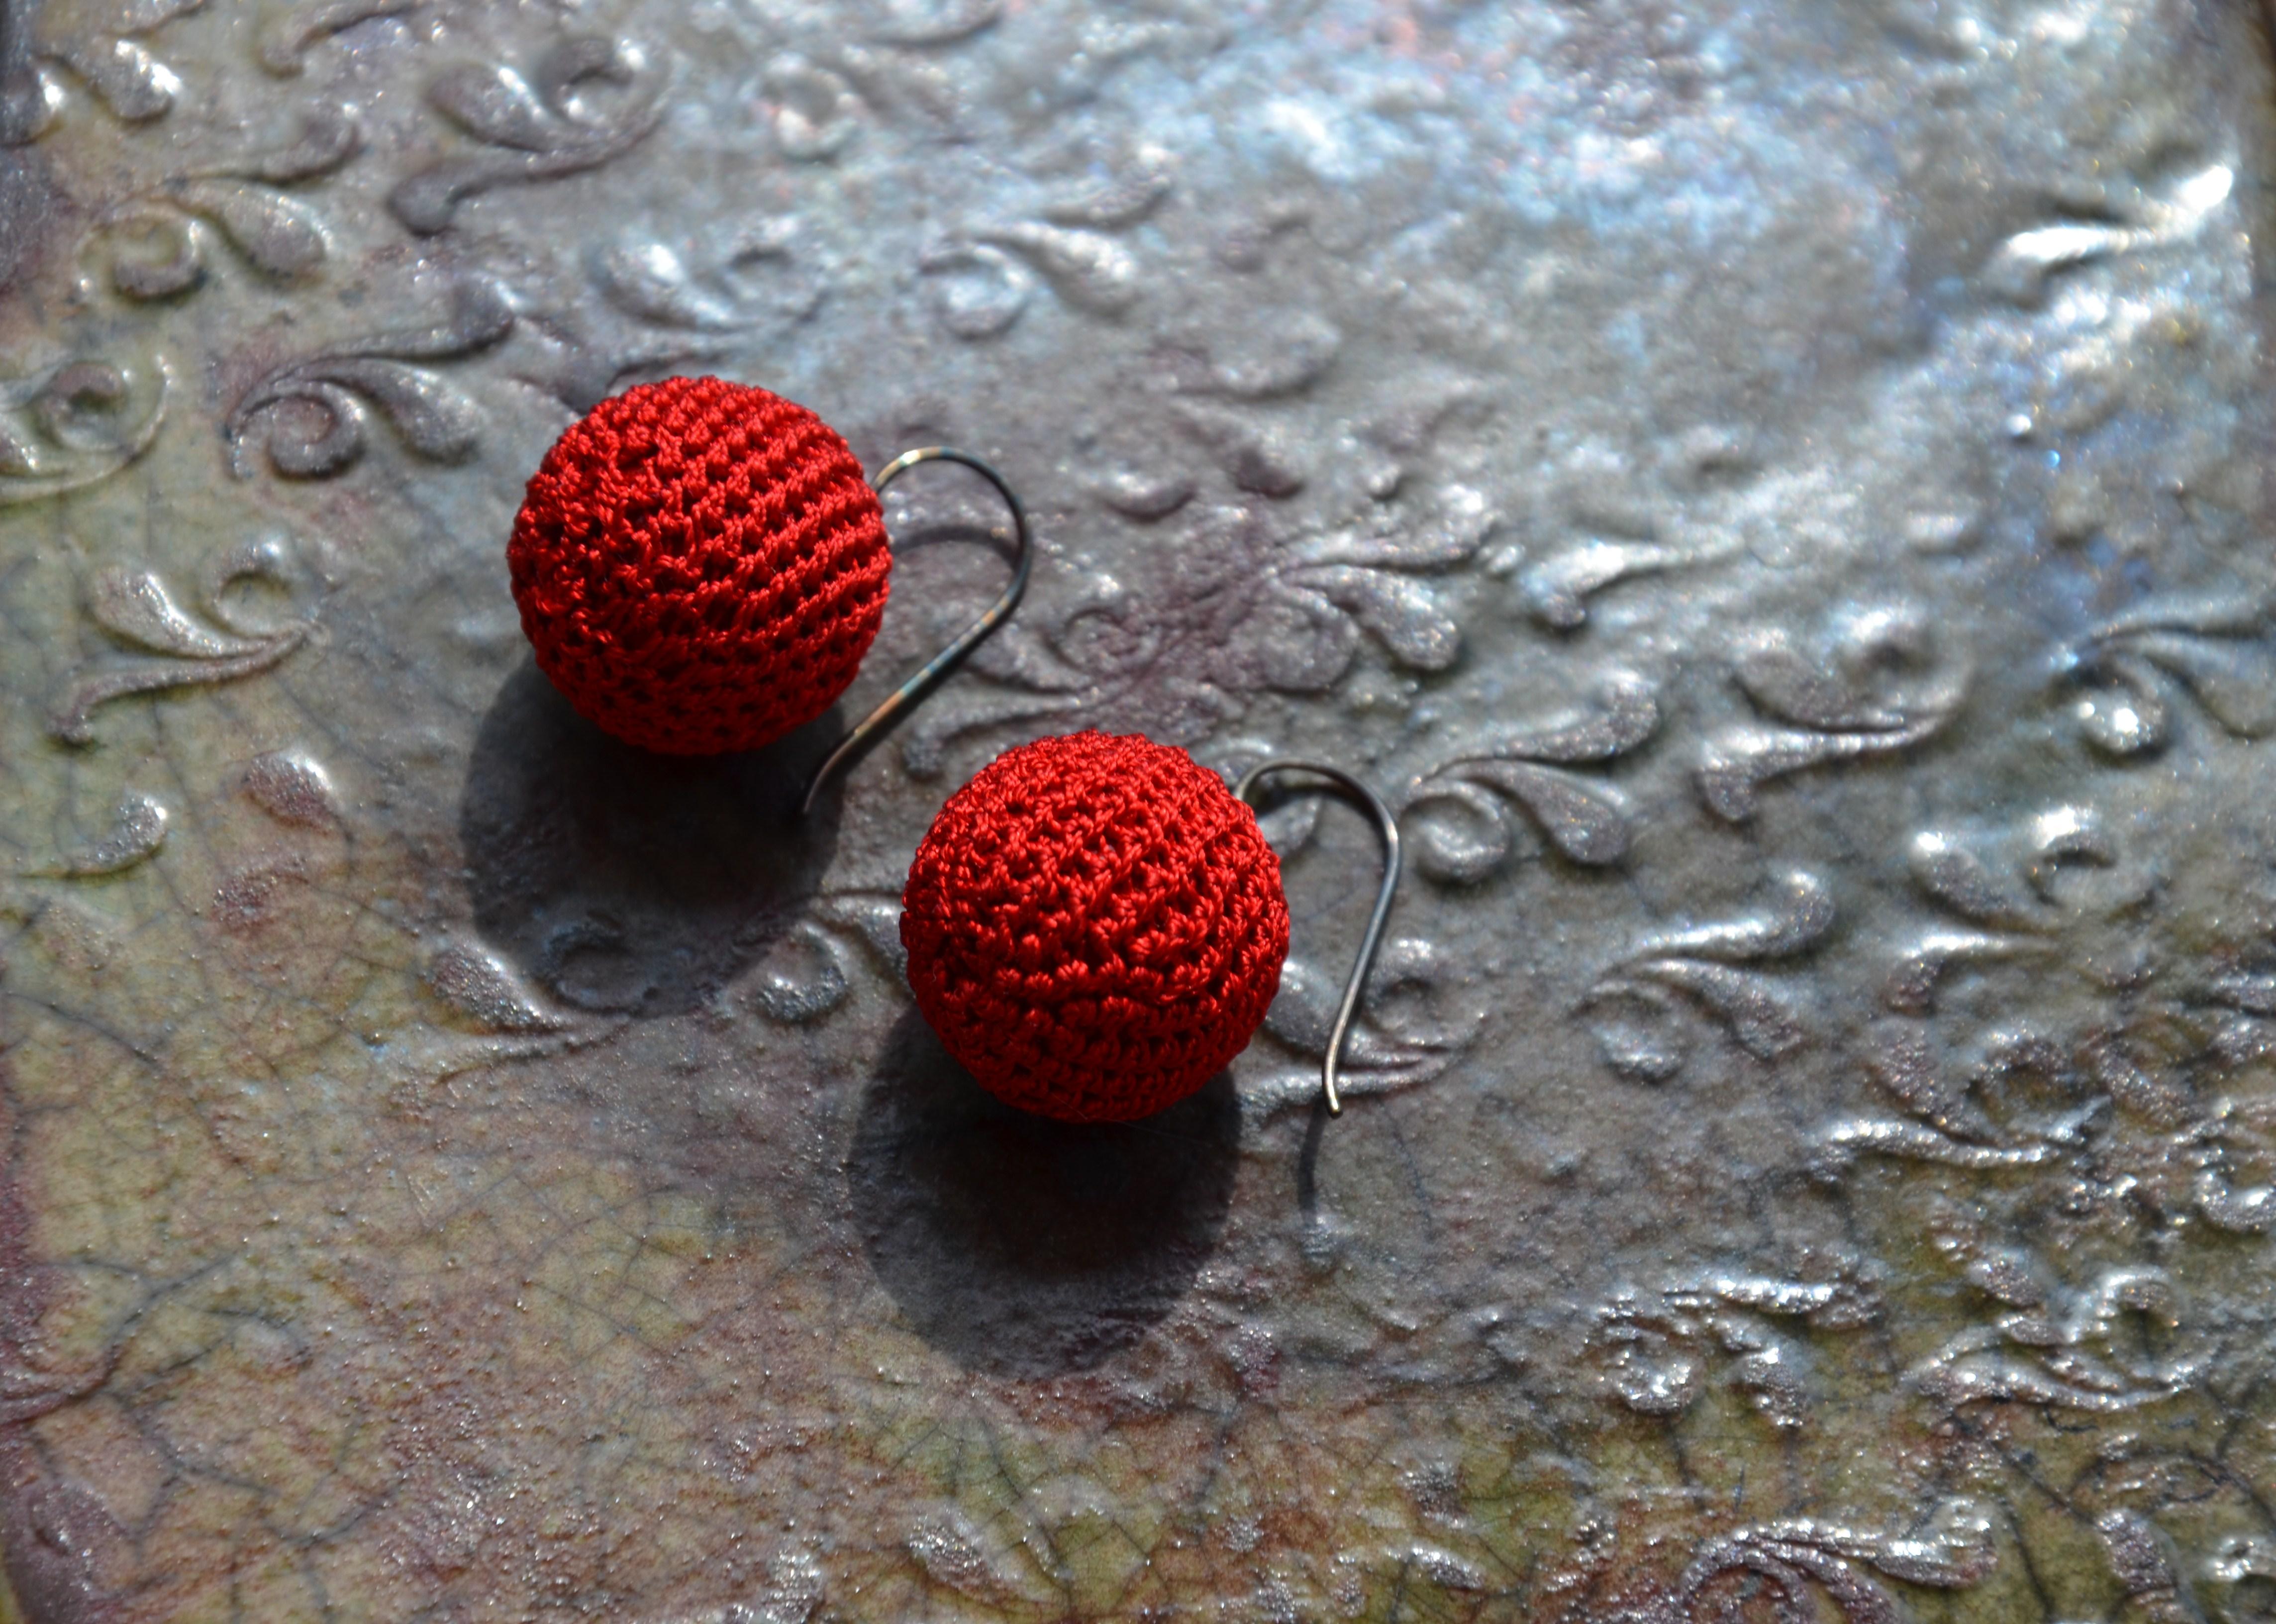 Auf einer mit Reliefdruck verzierten Kachel liegt ein Paar Ohrhänger. Diese sind aus rotem Baumwollgarn sehr fein in Form einer Kugel gehäkelt. Die Kugeln hängen an je einem Silberhaken.